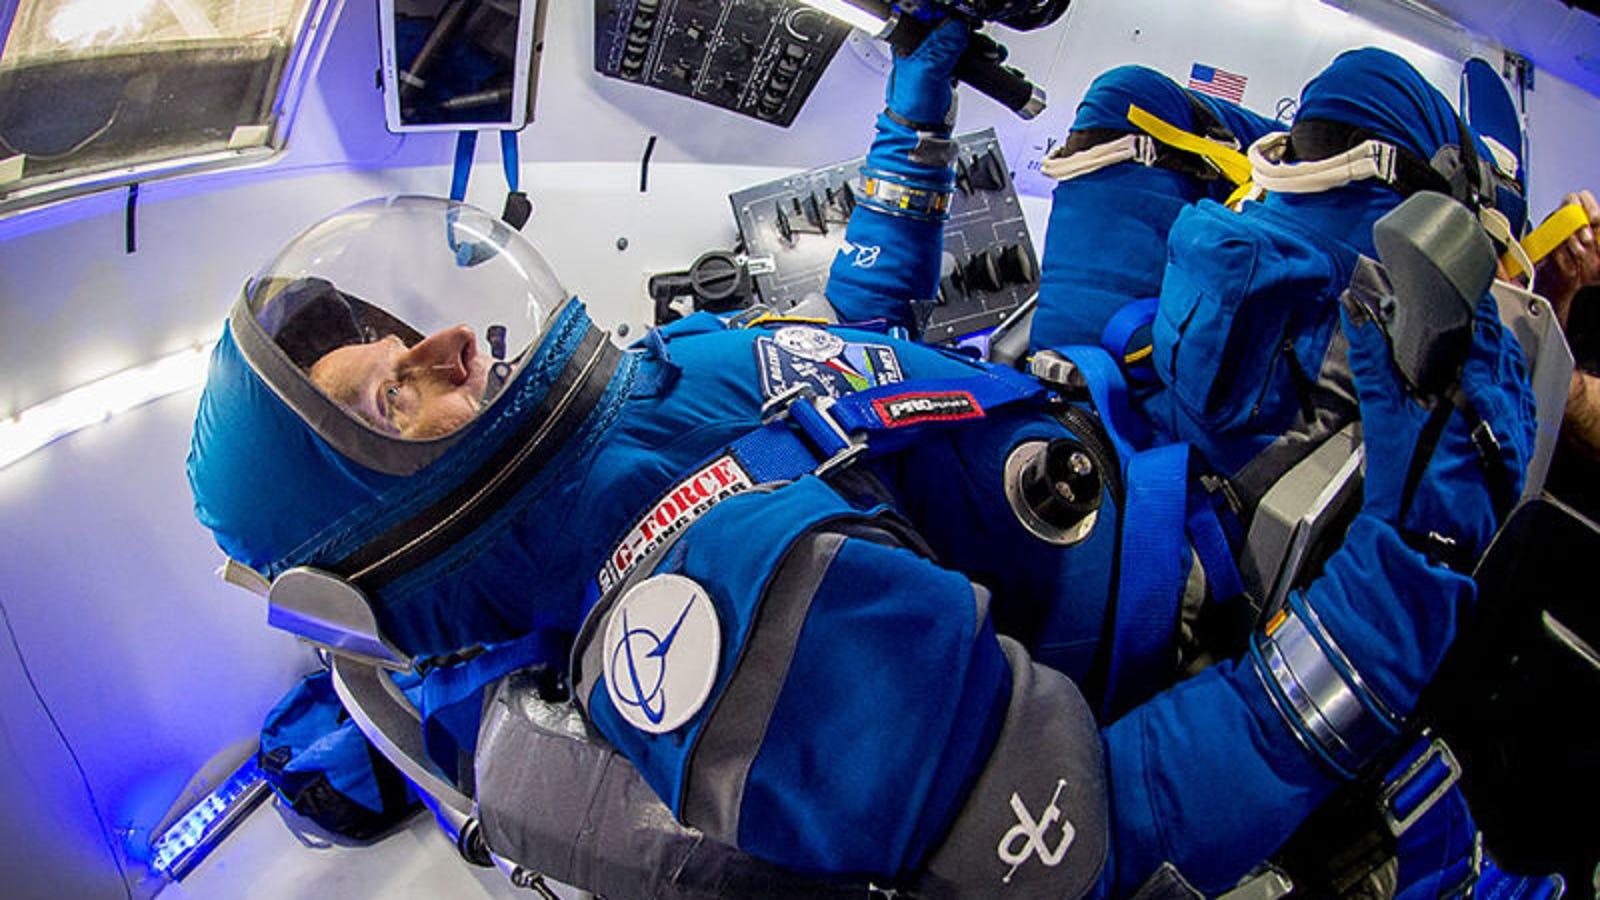 Los nuevos trajes de la NASA para sus astronautas parecen salidos de 2001: Una odisea del espacio